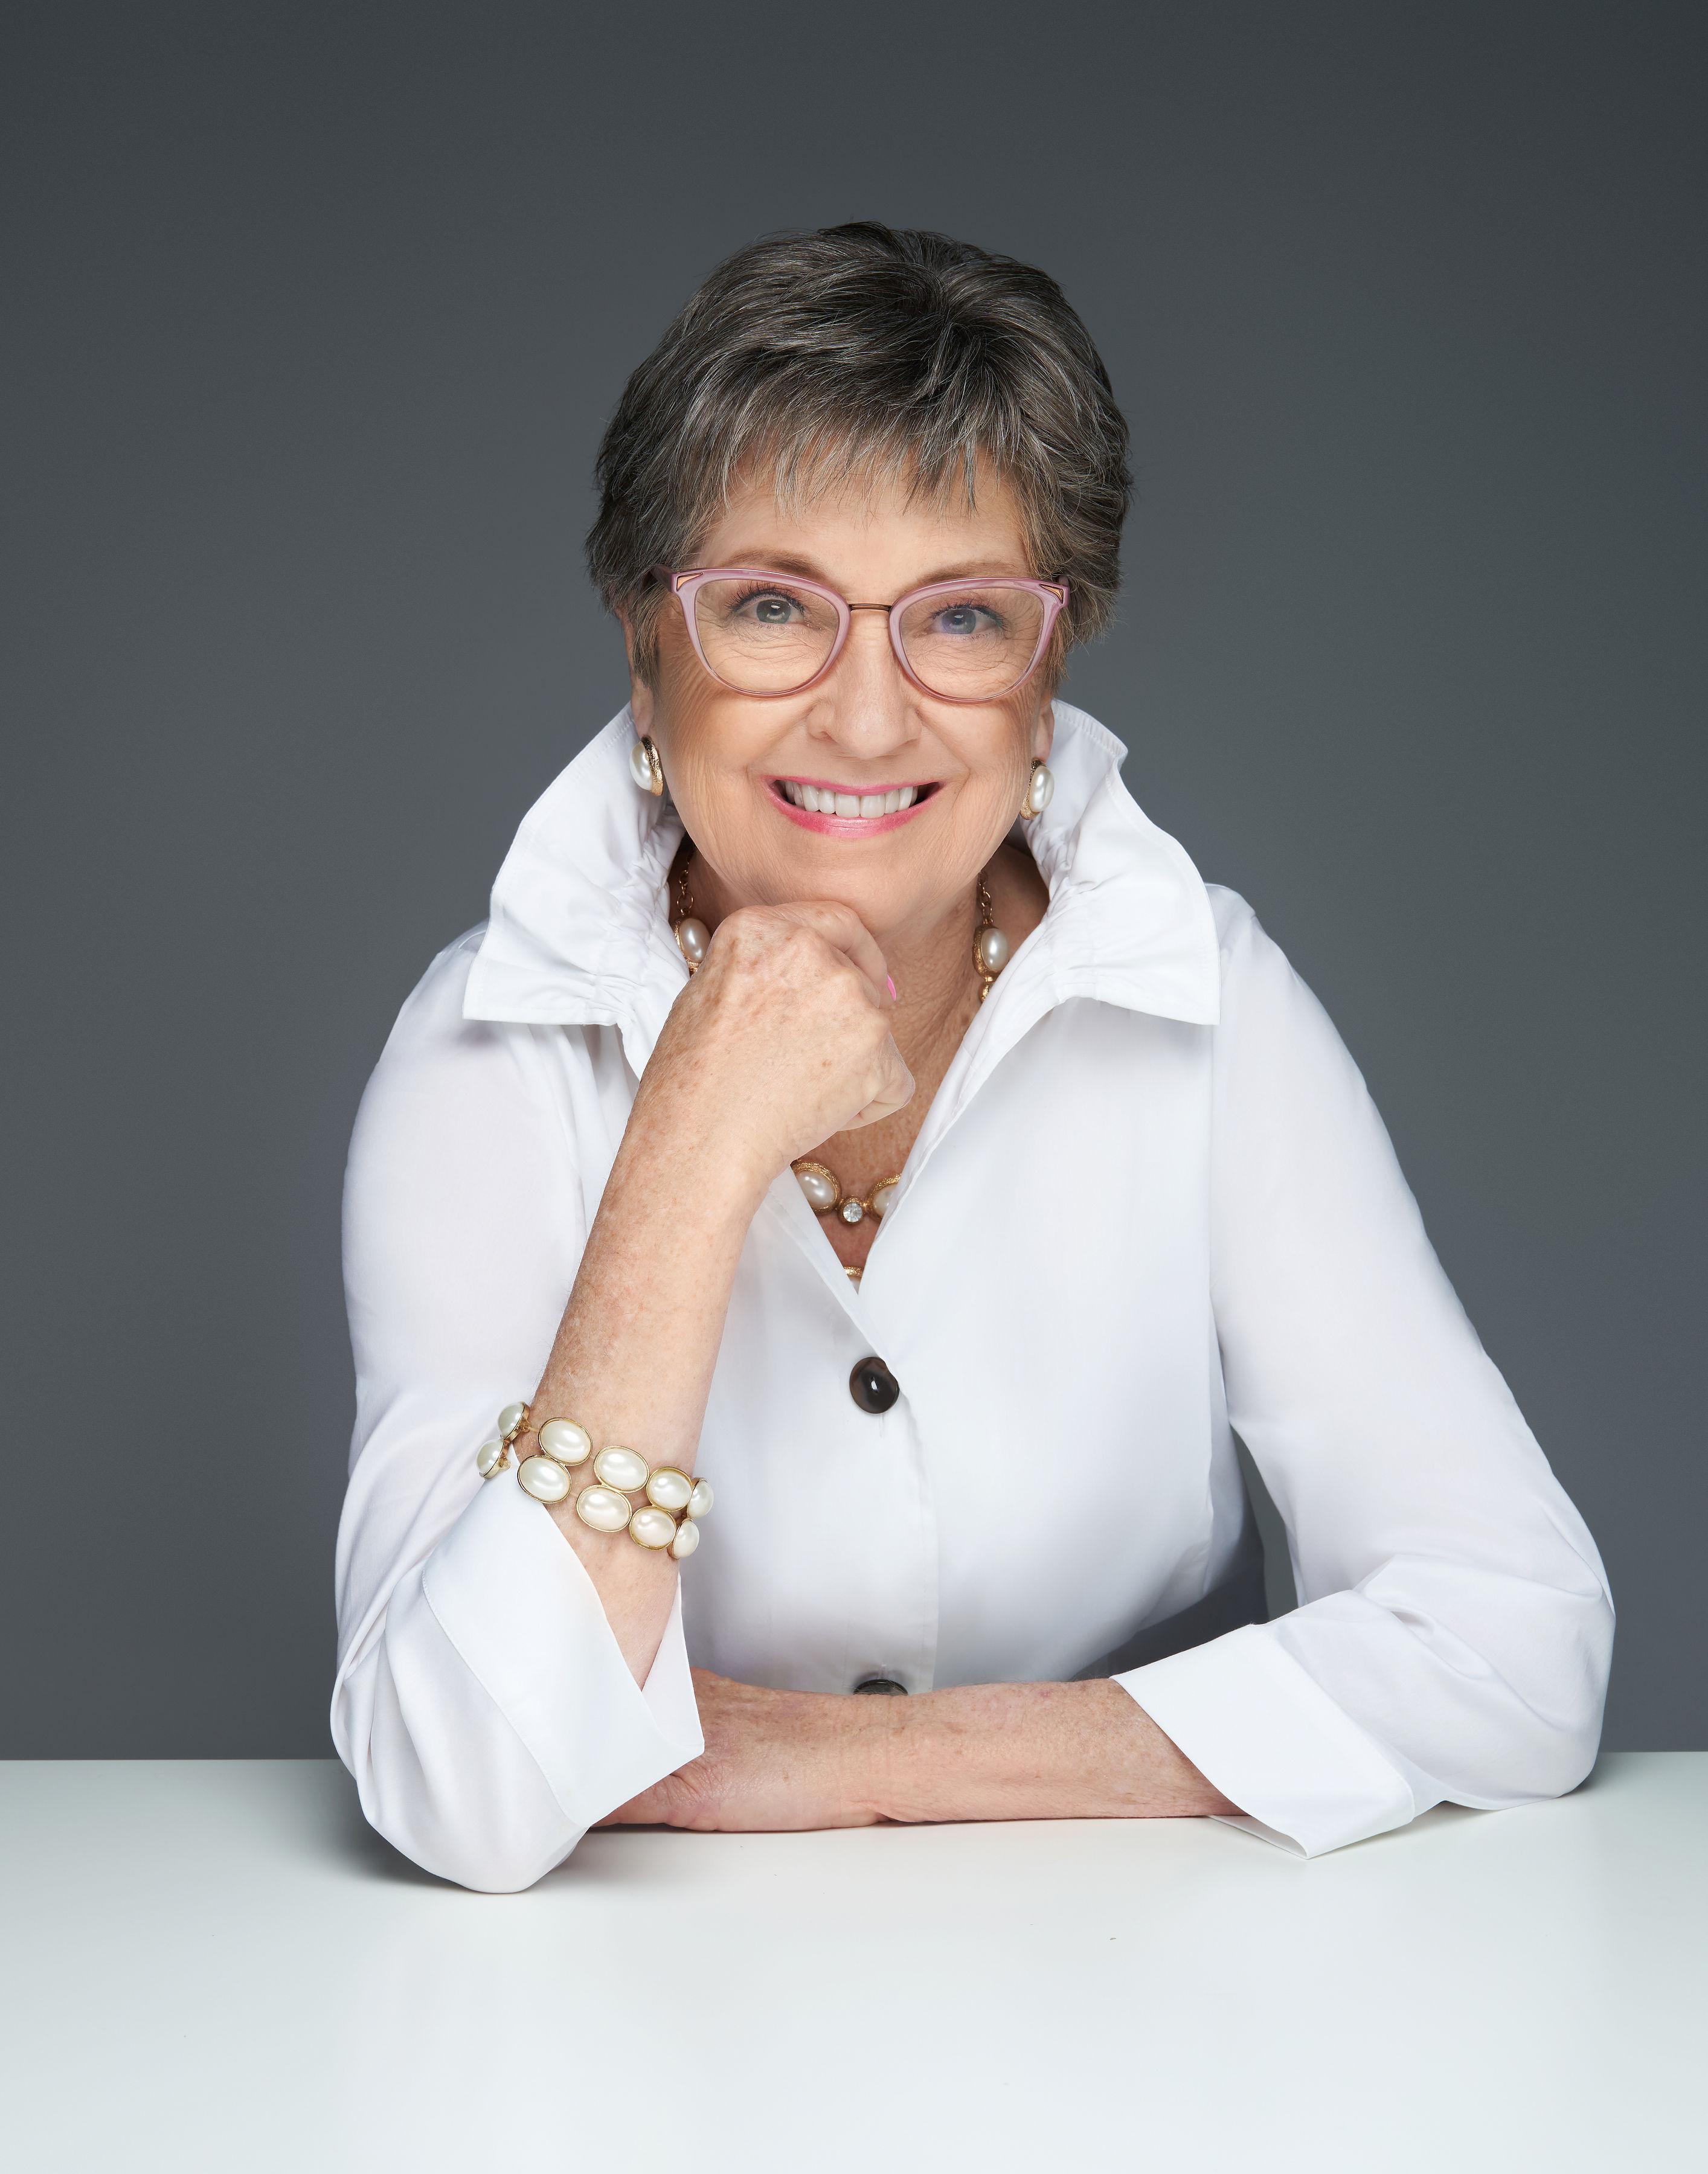 Vicki Leggett